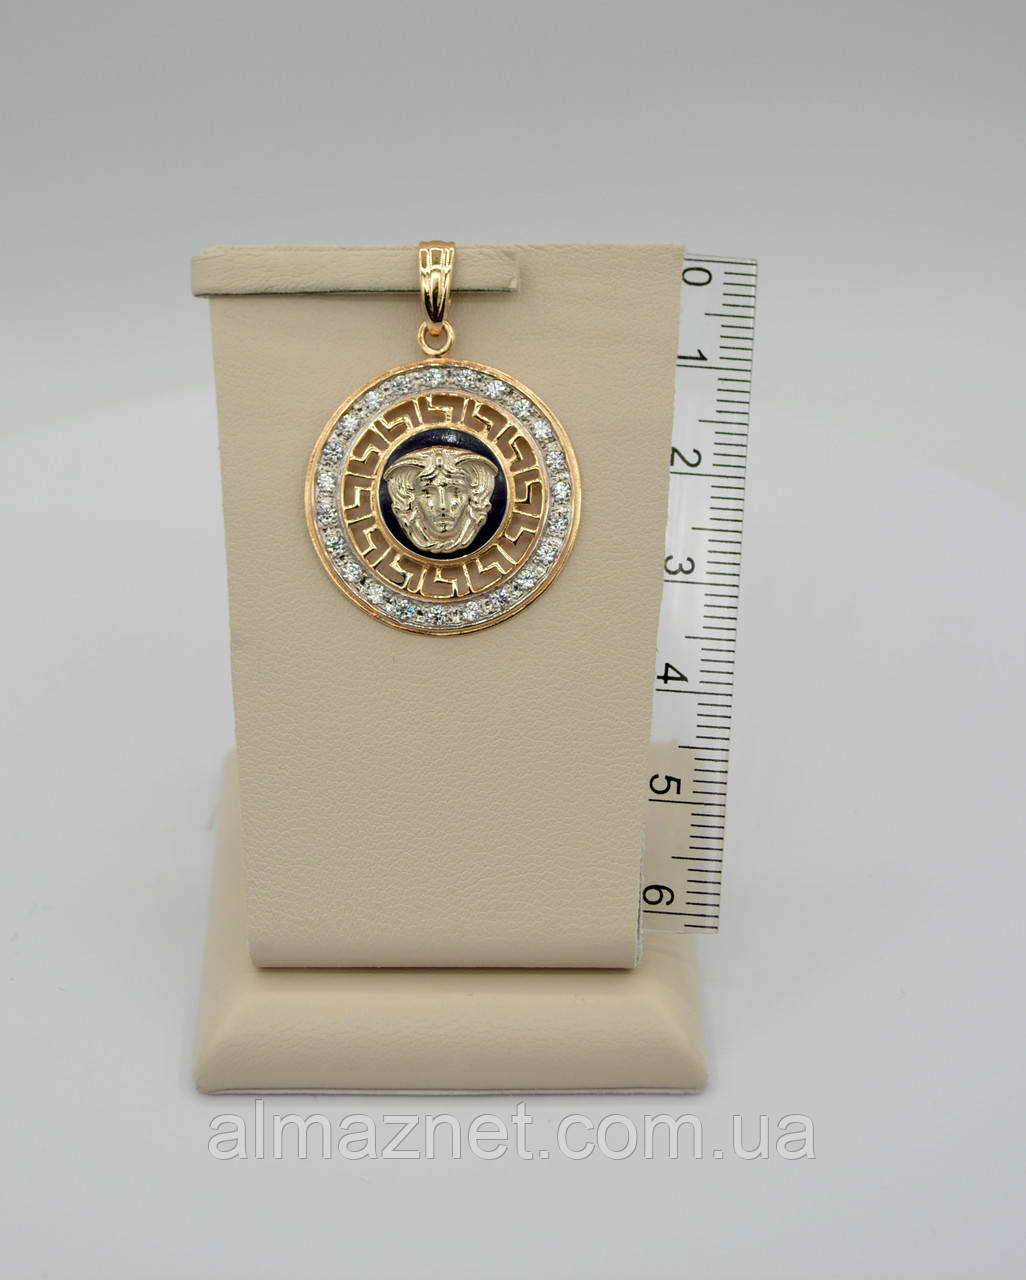 Золотой кулон Версаче 585 пробы с эмалью и цирконием